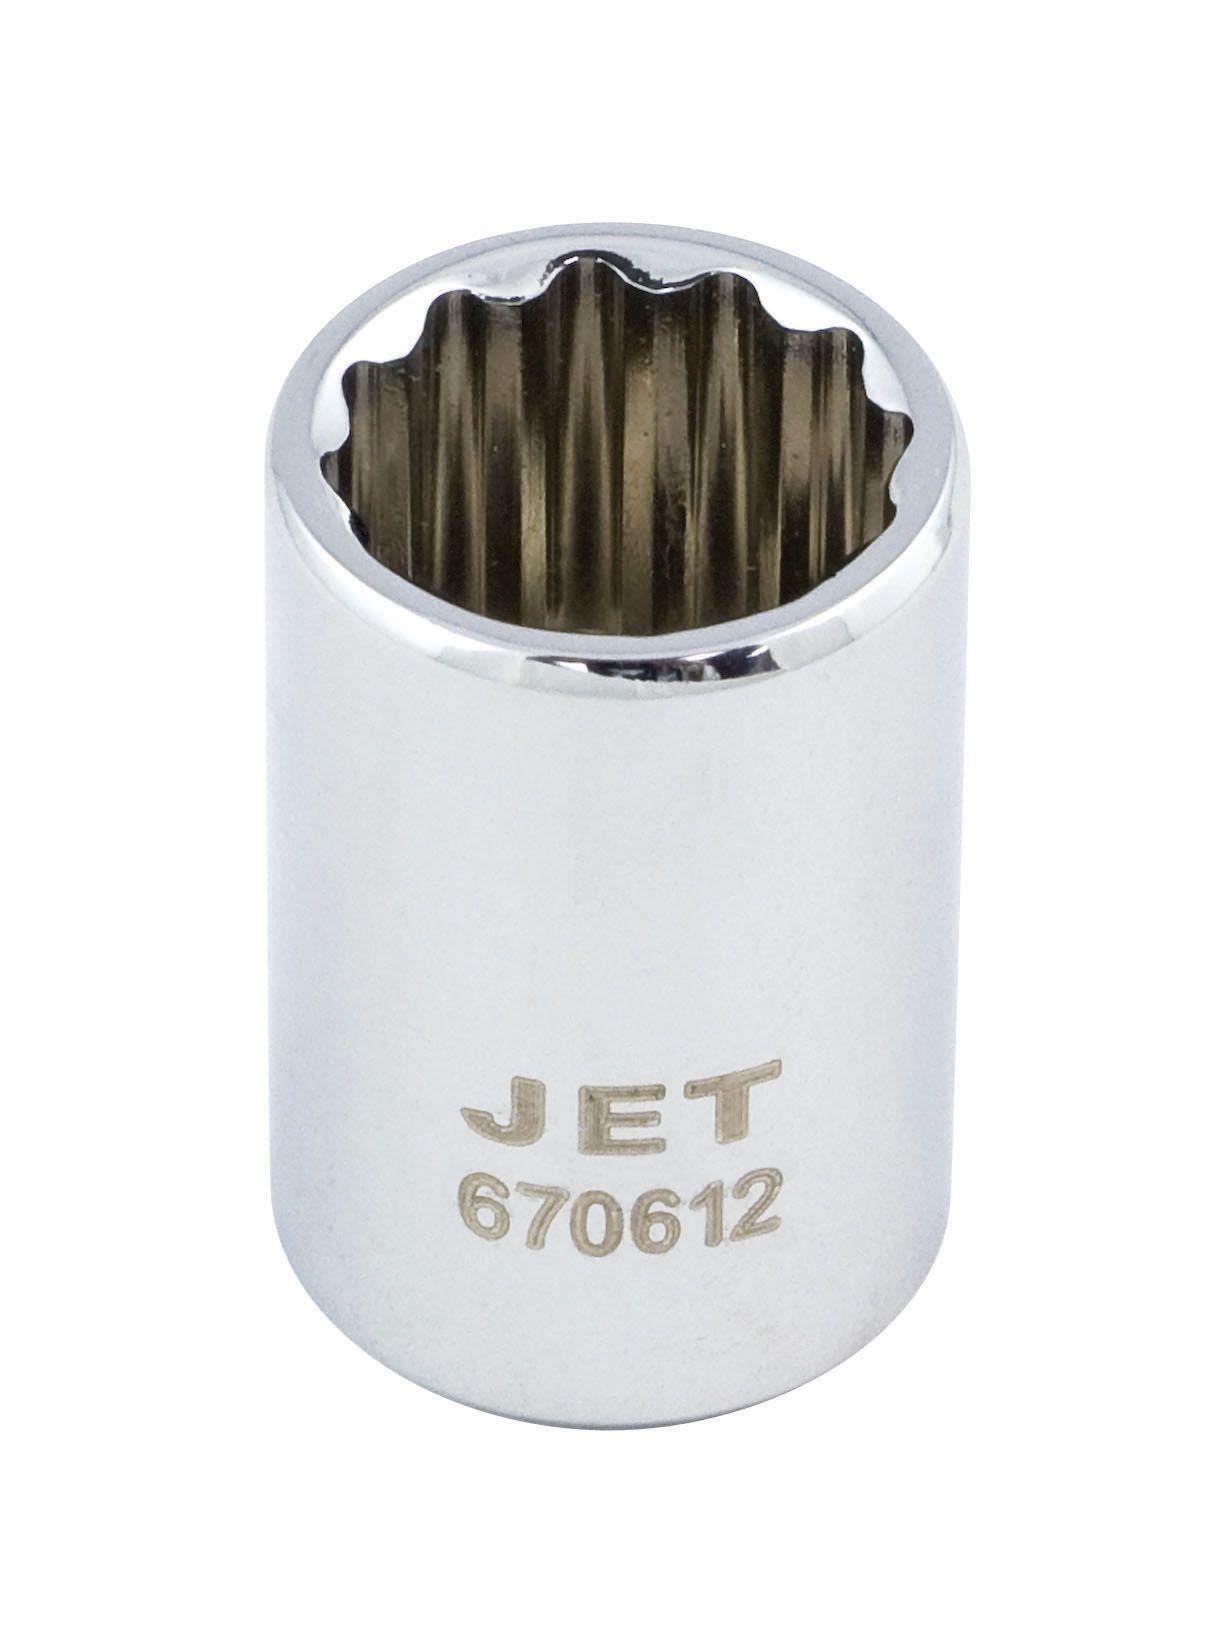 Jet 670602 Douille 4mm x 12 pans courte à prise 1/4